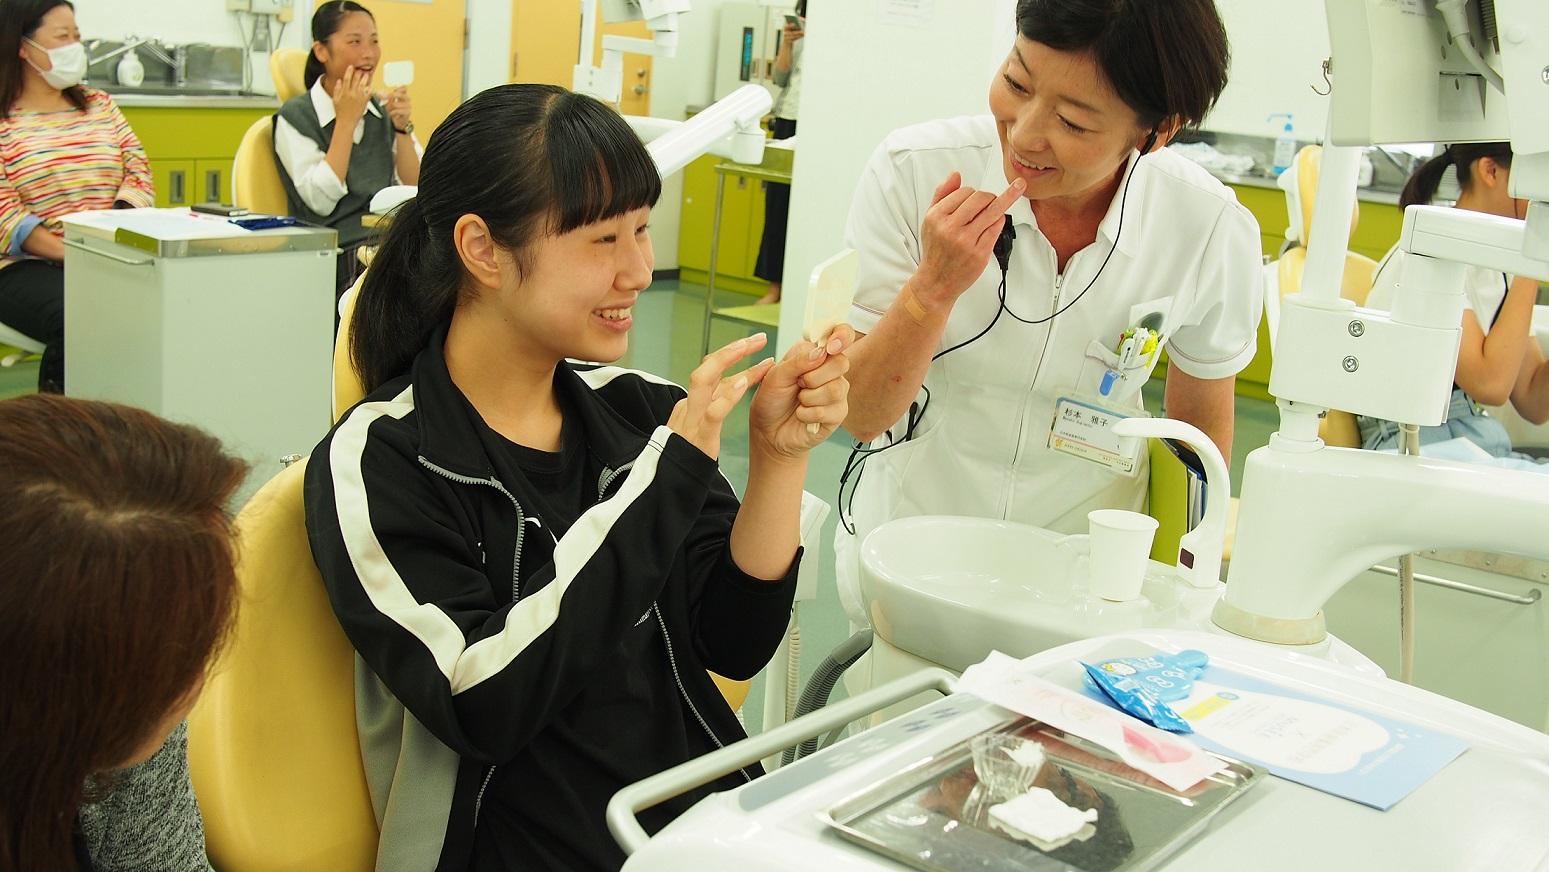 ミュゼホワイトニングから歯科衛生士を目指すみなさまへ 「日本医歯薬専門学校」「新東京歯科衛生士専門学校」オープンキャンパスにて1日特別イベントを開催